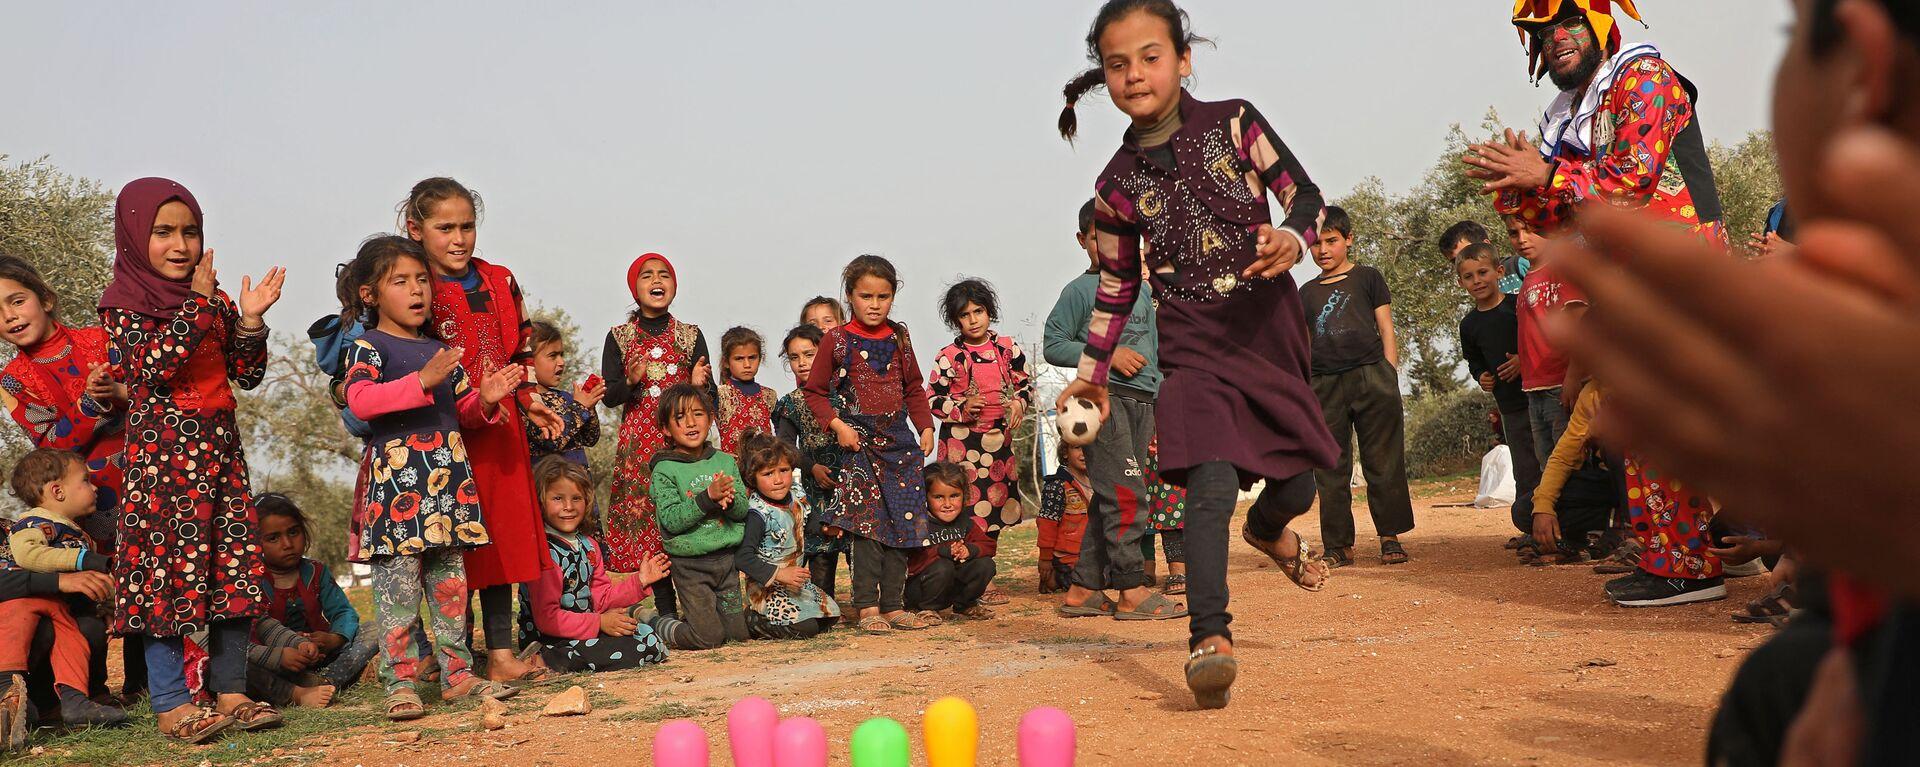 Дети играют в лагере для беженцев в Сирии - Sputnik Česká republika, 1920, 28.04.2021